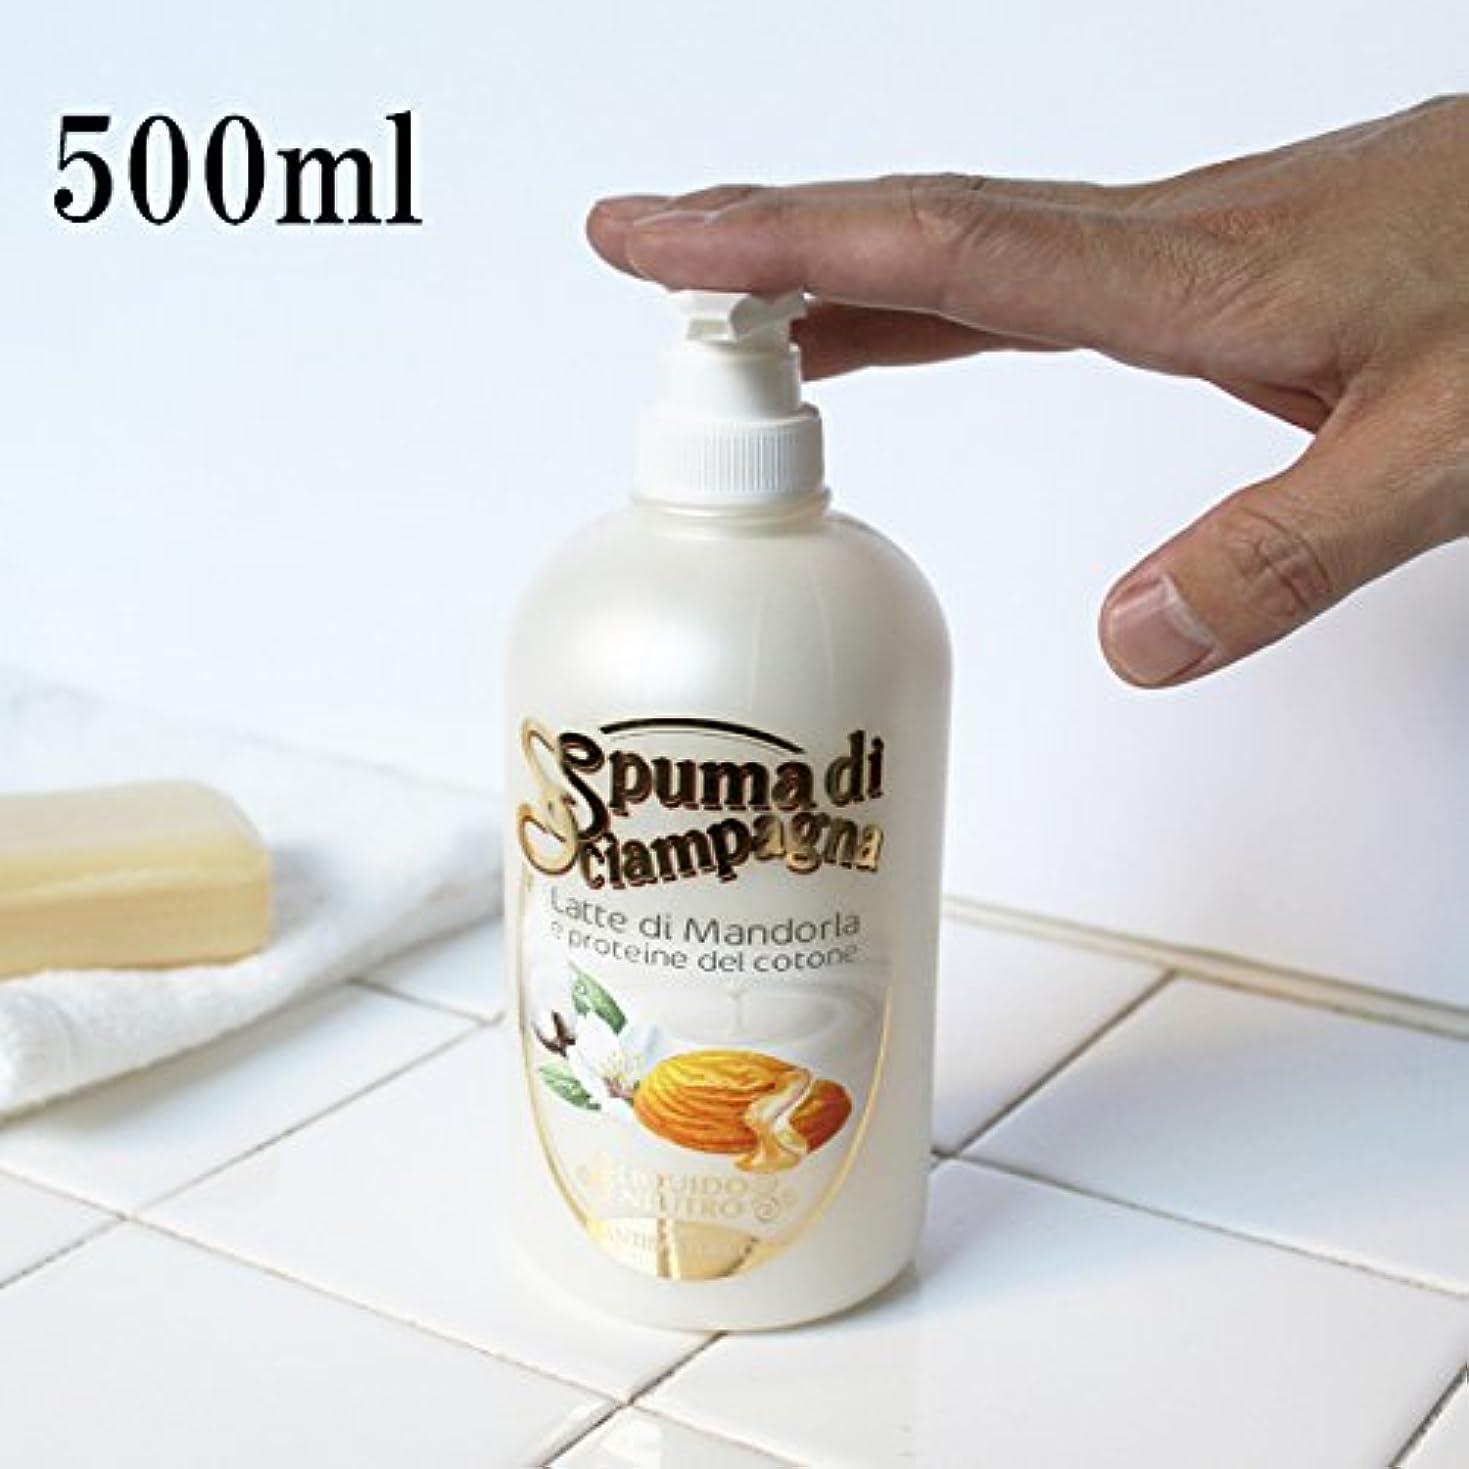 シティおなじみの地上のSpuma di Sciampagna (スプーマ ディ シャンパーニャ) リキッドソープ 500ml アーモンドの香り